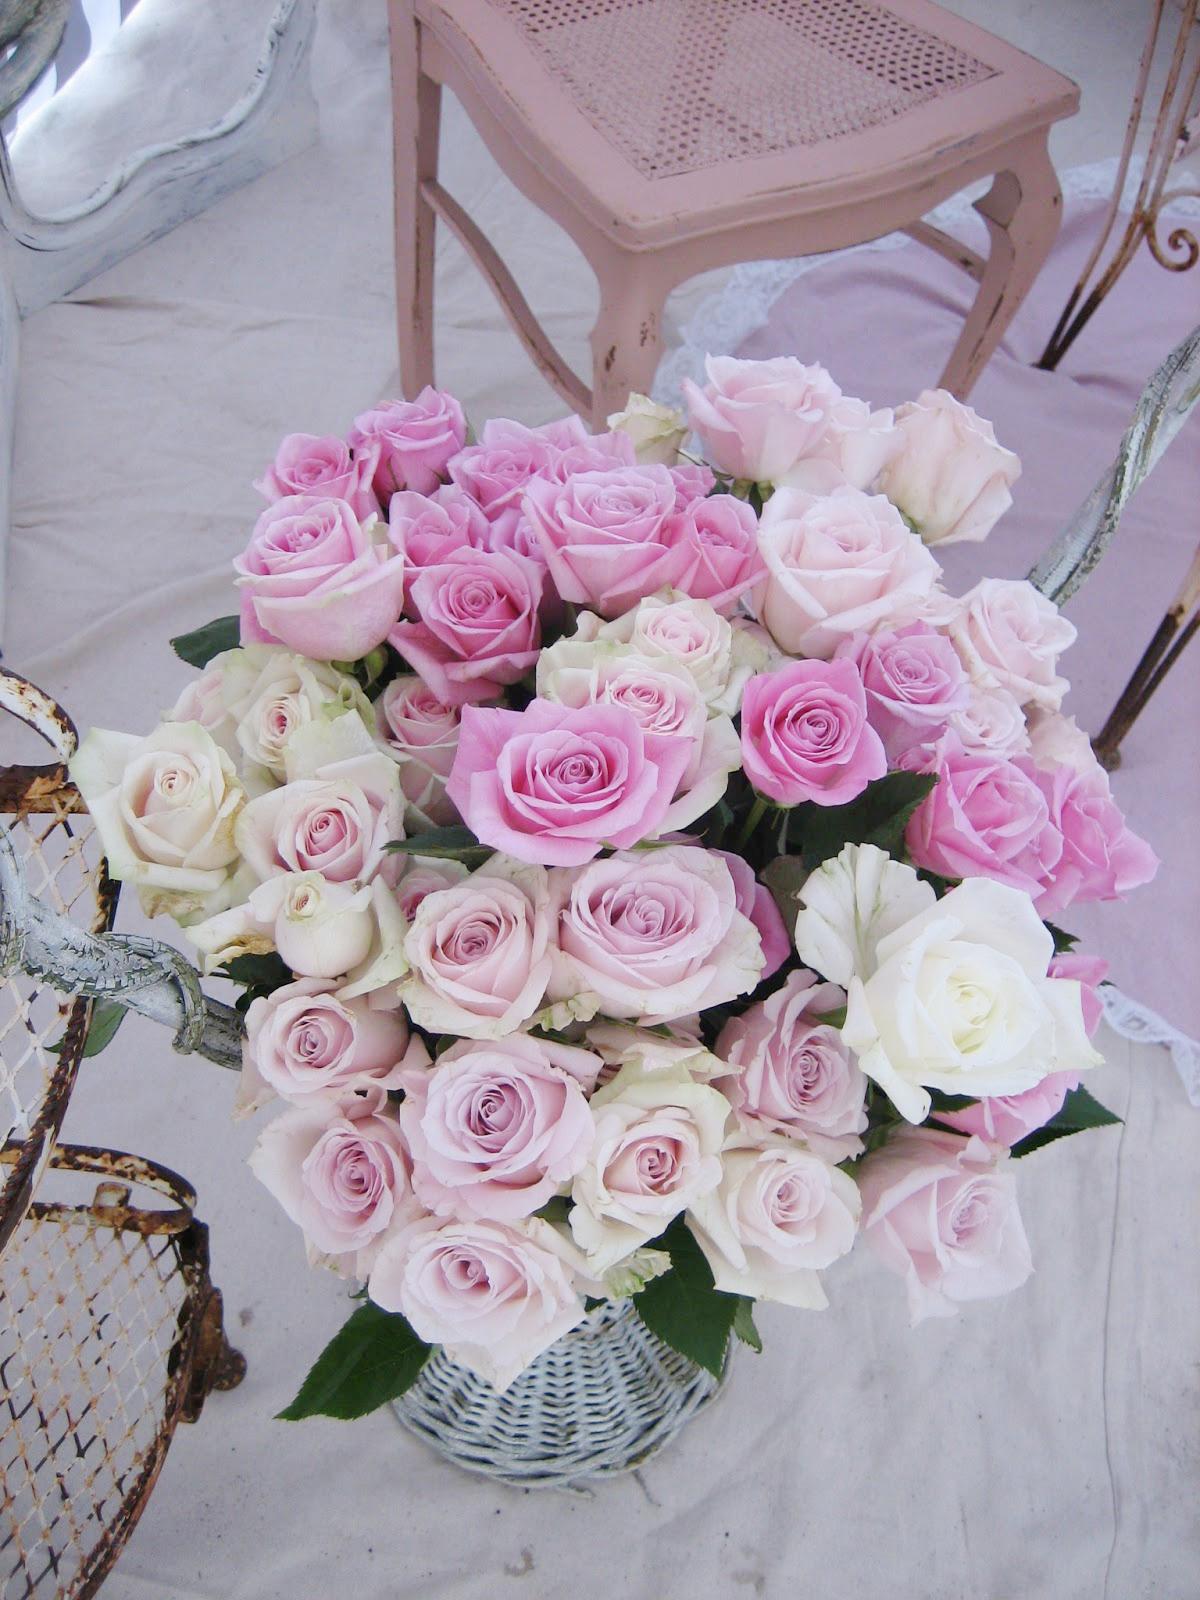 Большой букет живых роз в интерьере